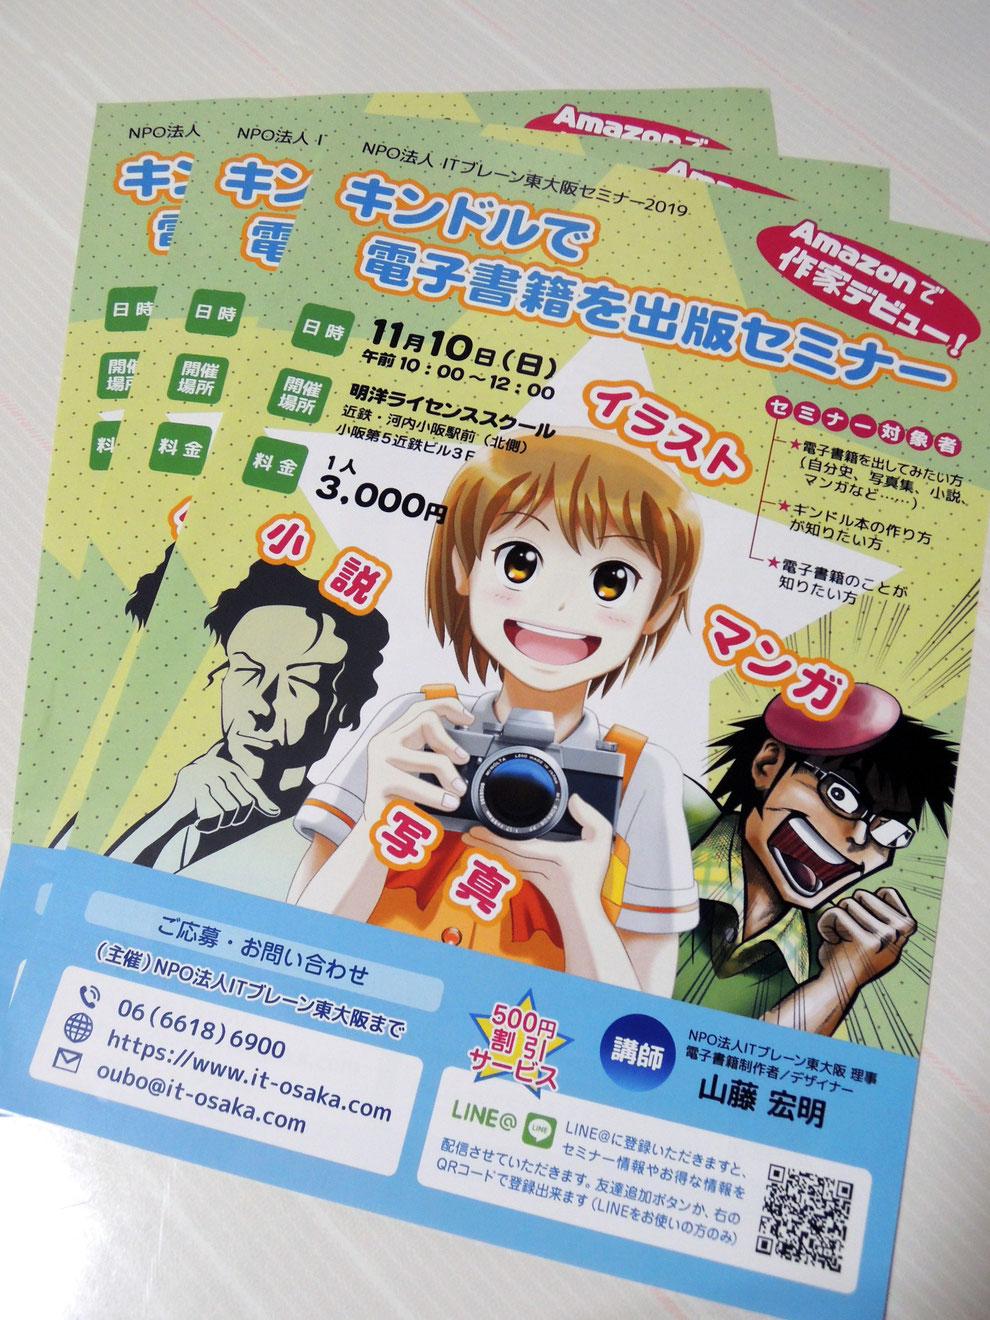 キンドルで電子書籍を出版セミナーチラシ(ITブレーン東大阪2019年11月10日)